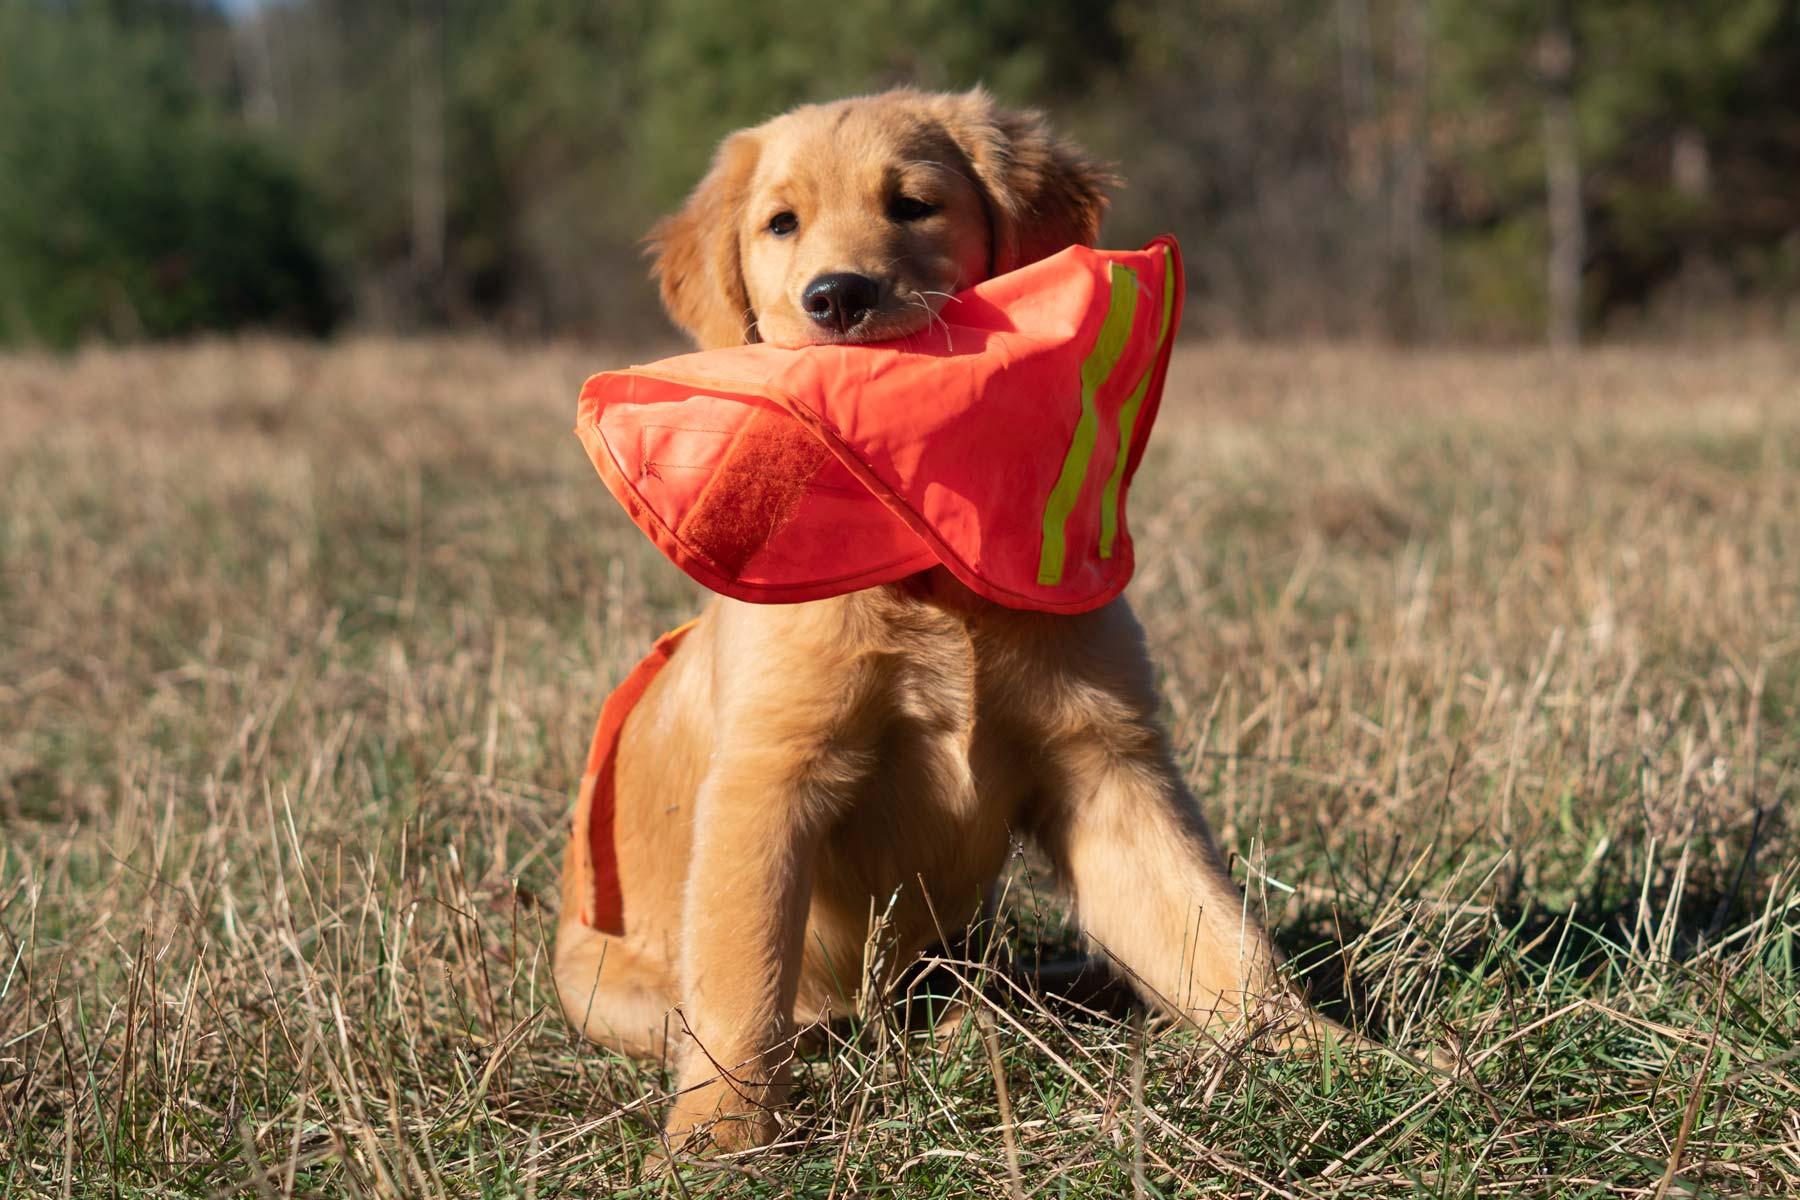 Maggie, mischievous golden puppy